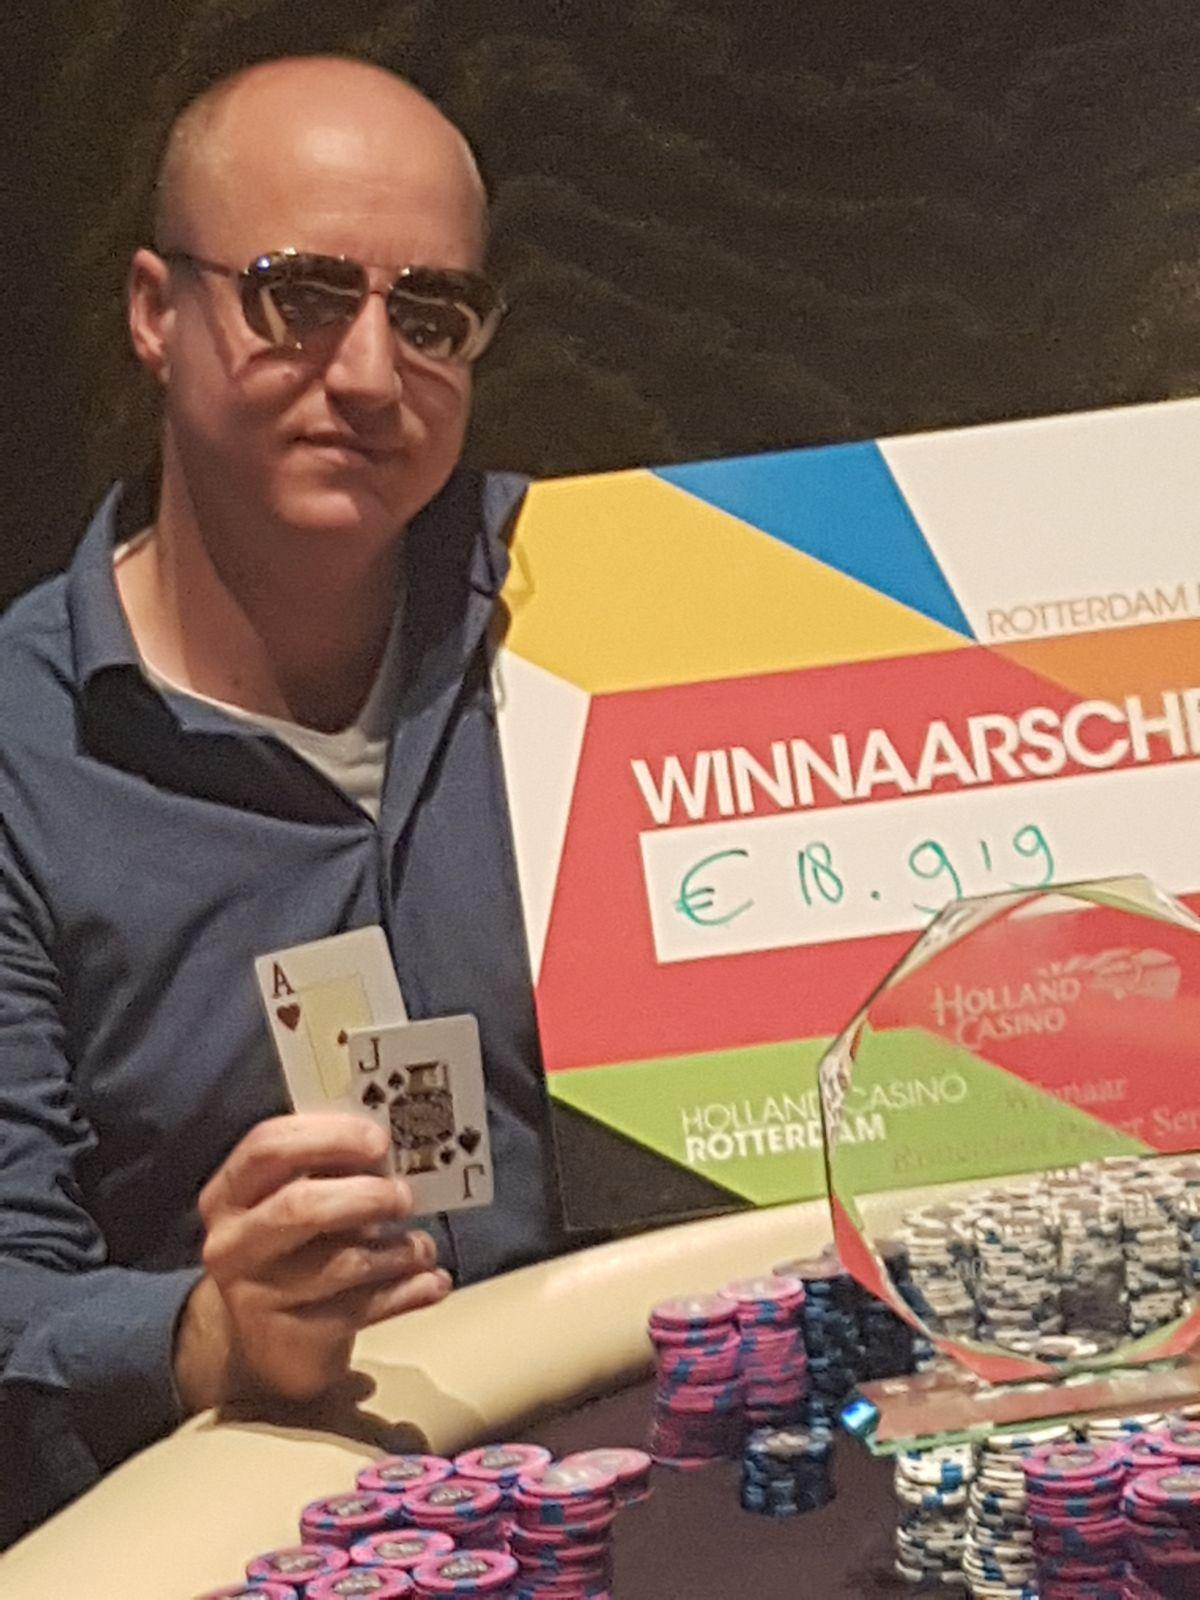 Rotterdam Poker Series - Overwinningen voor Thomas de Rooij & Pascal van Doorn 101